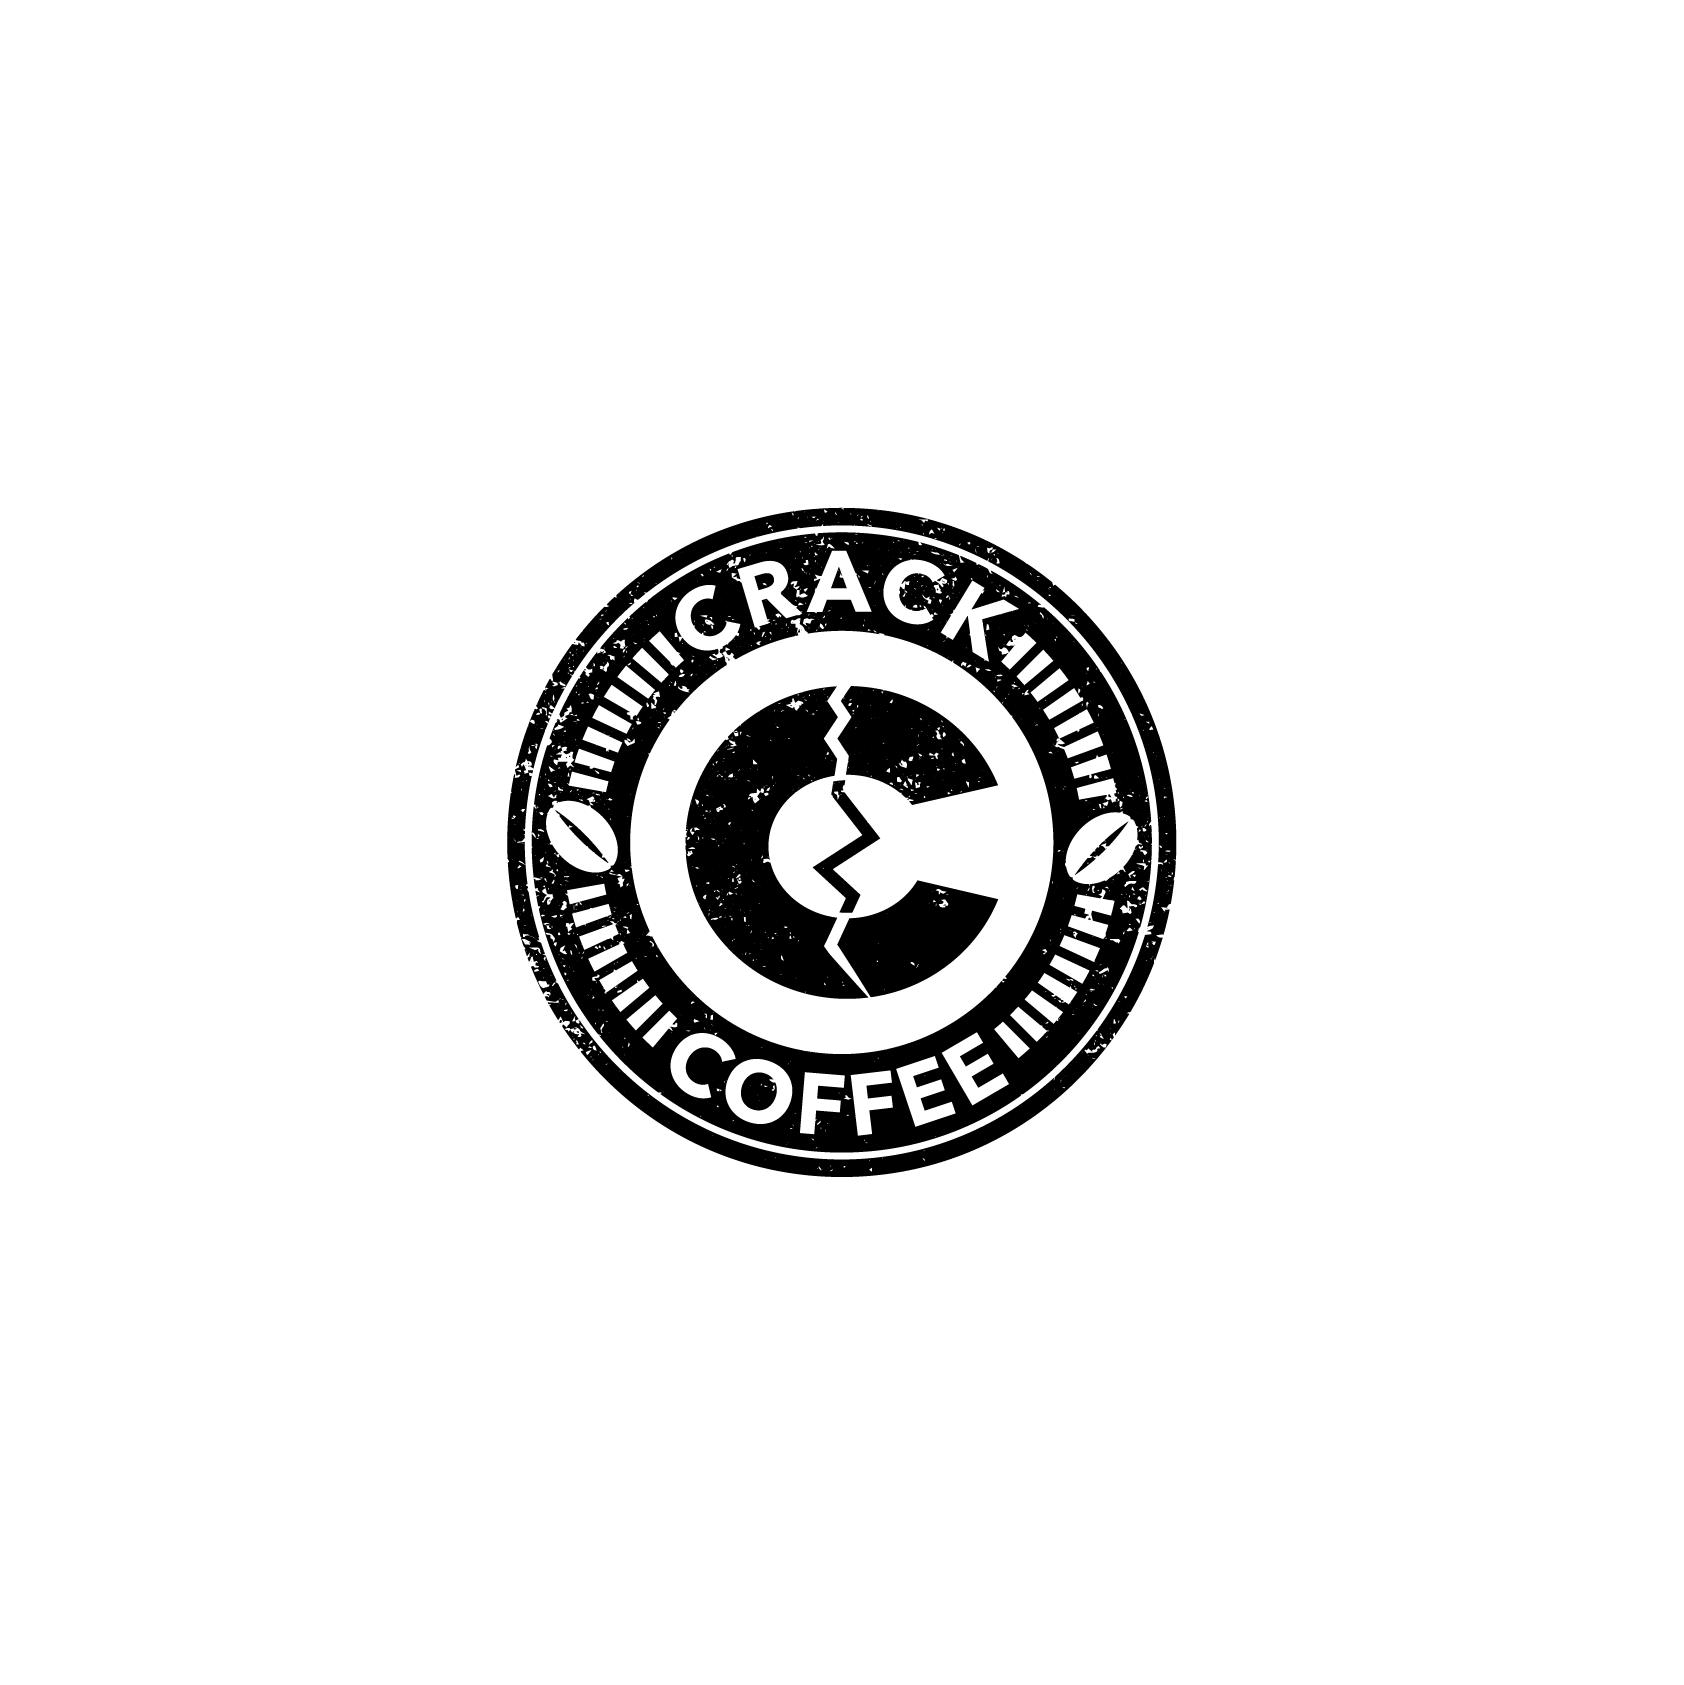 Coffee brand isologo